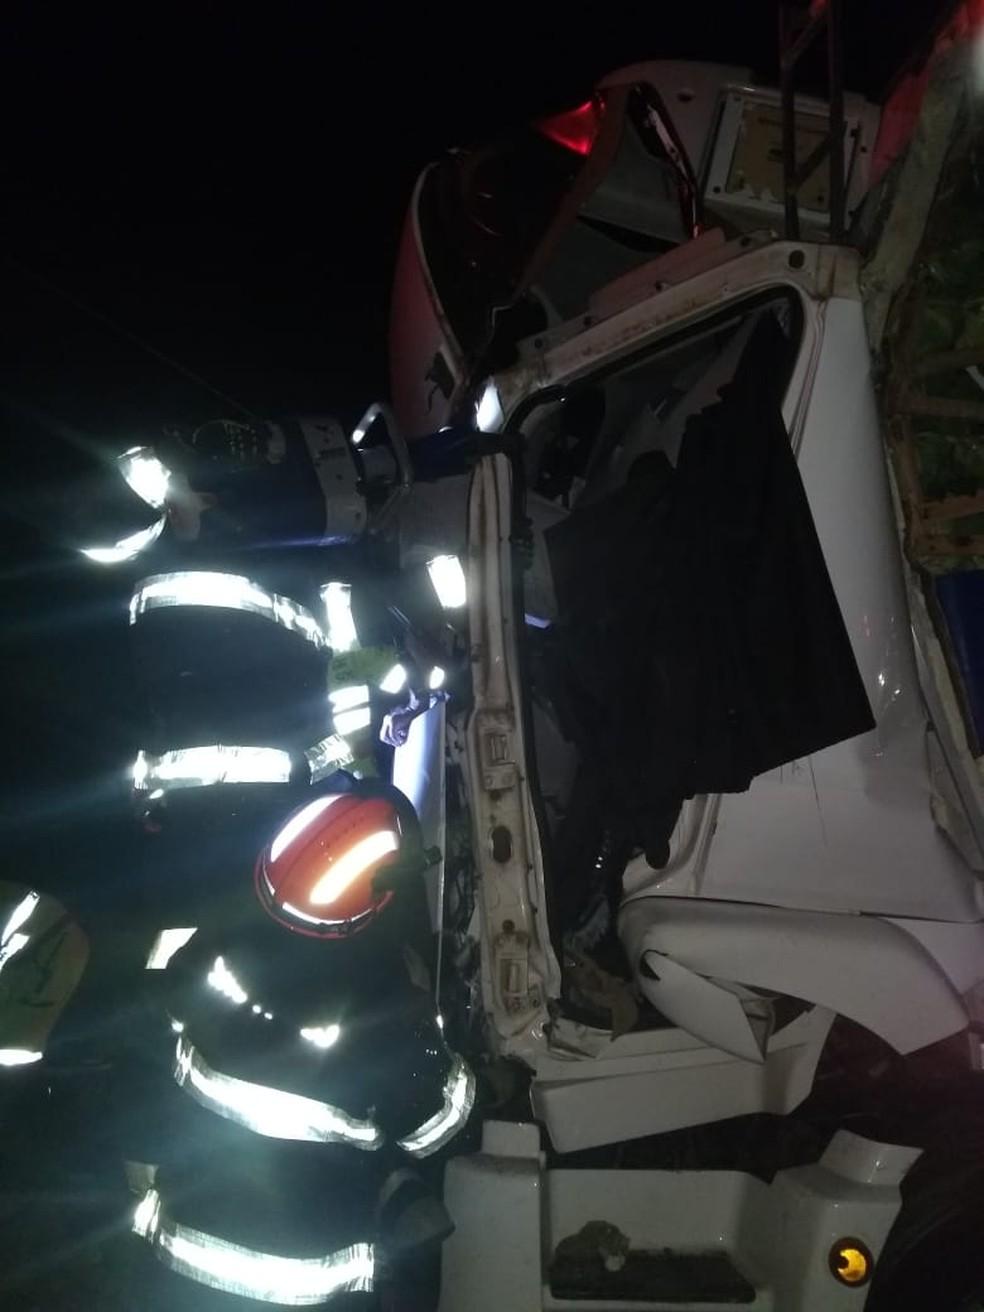 Acidente envolveu dois caminhões na rodovia Raposo Tavares em Assis, que precisou ficar interditada até o resgate — Foto: Arquivo pessoal